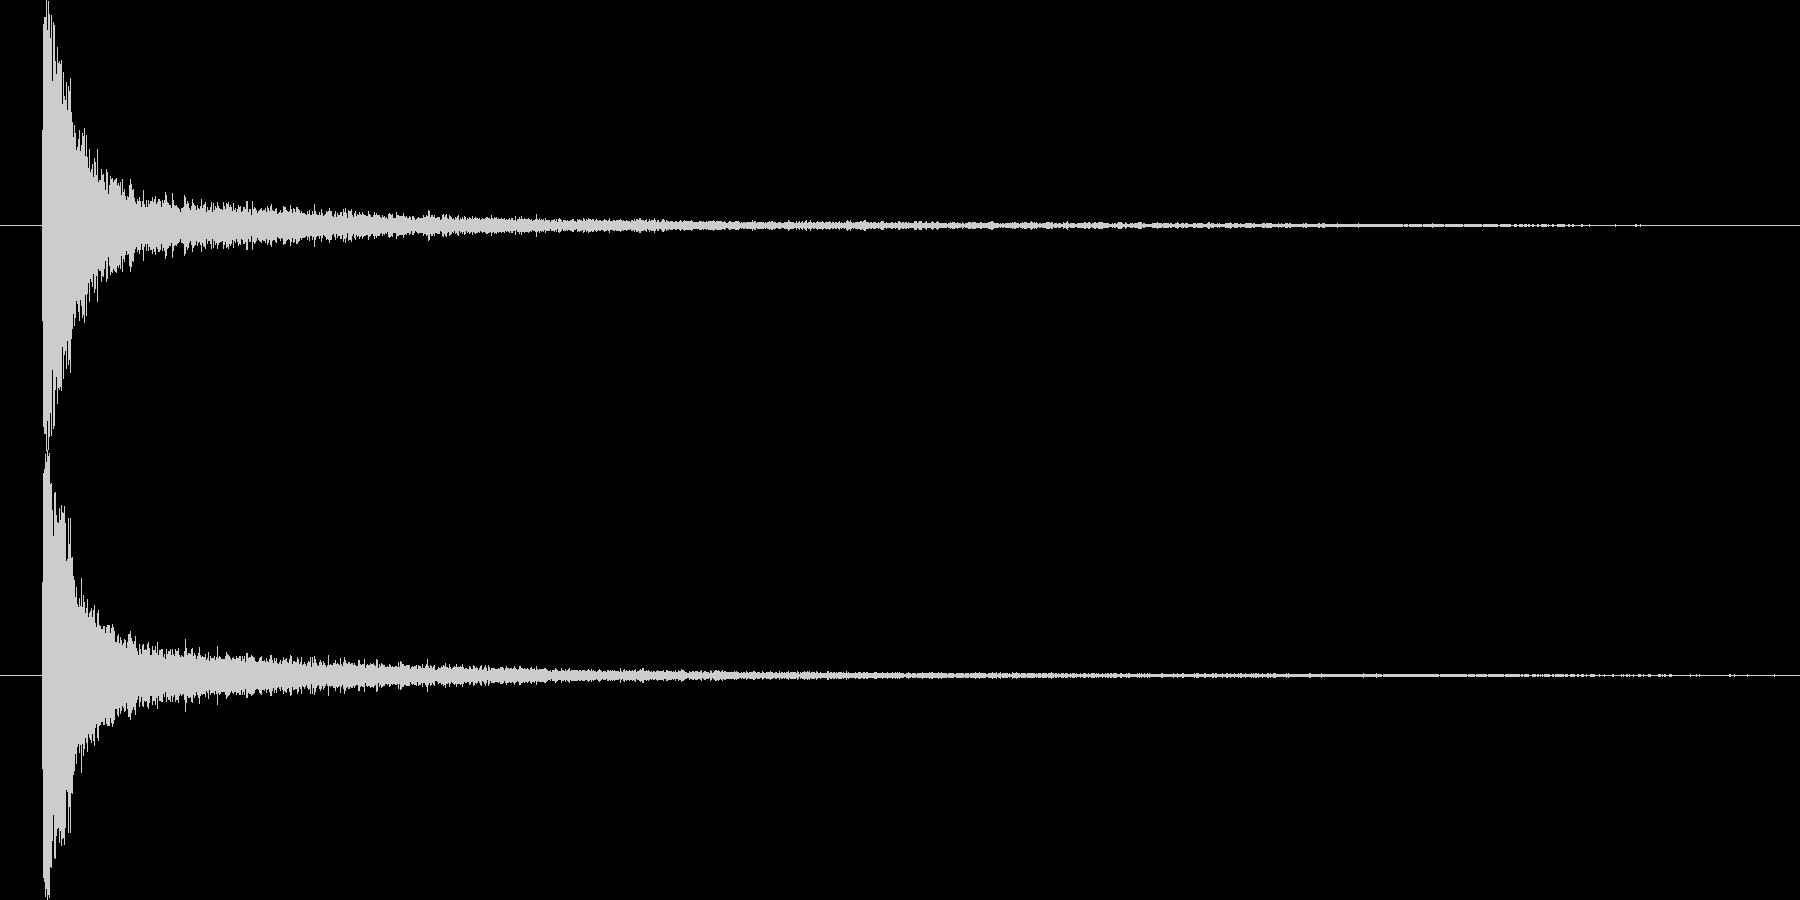 カーンという、余韻が残る衝撃音ですの未再生の波形